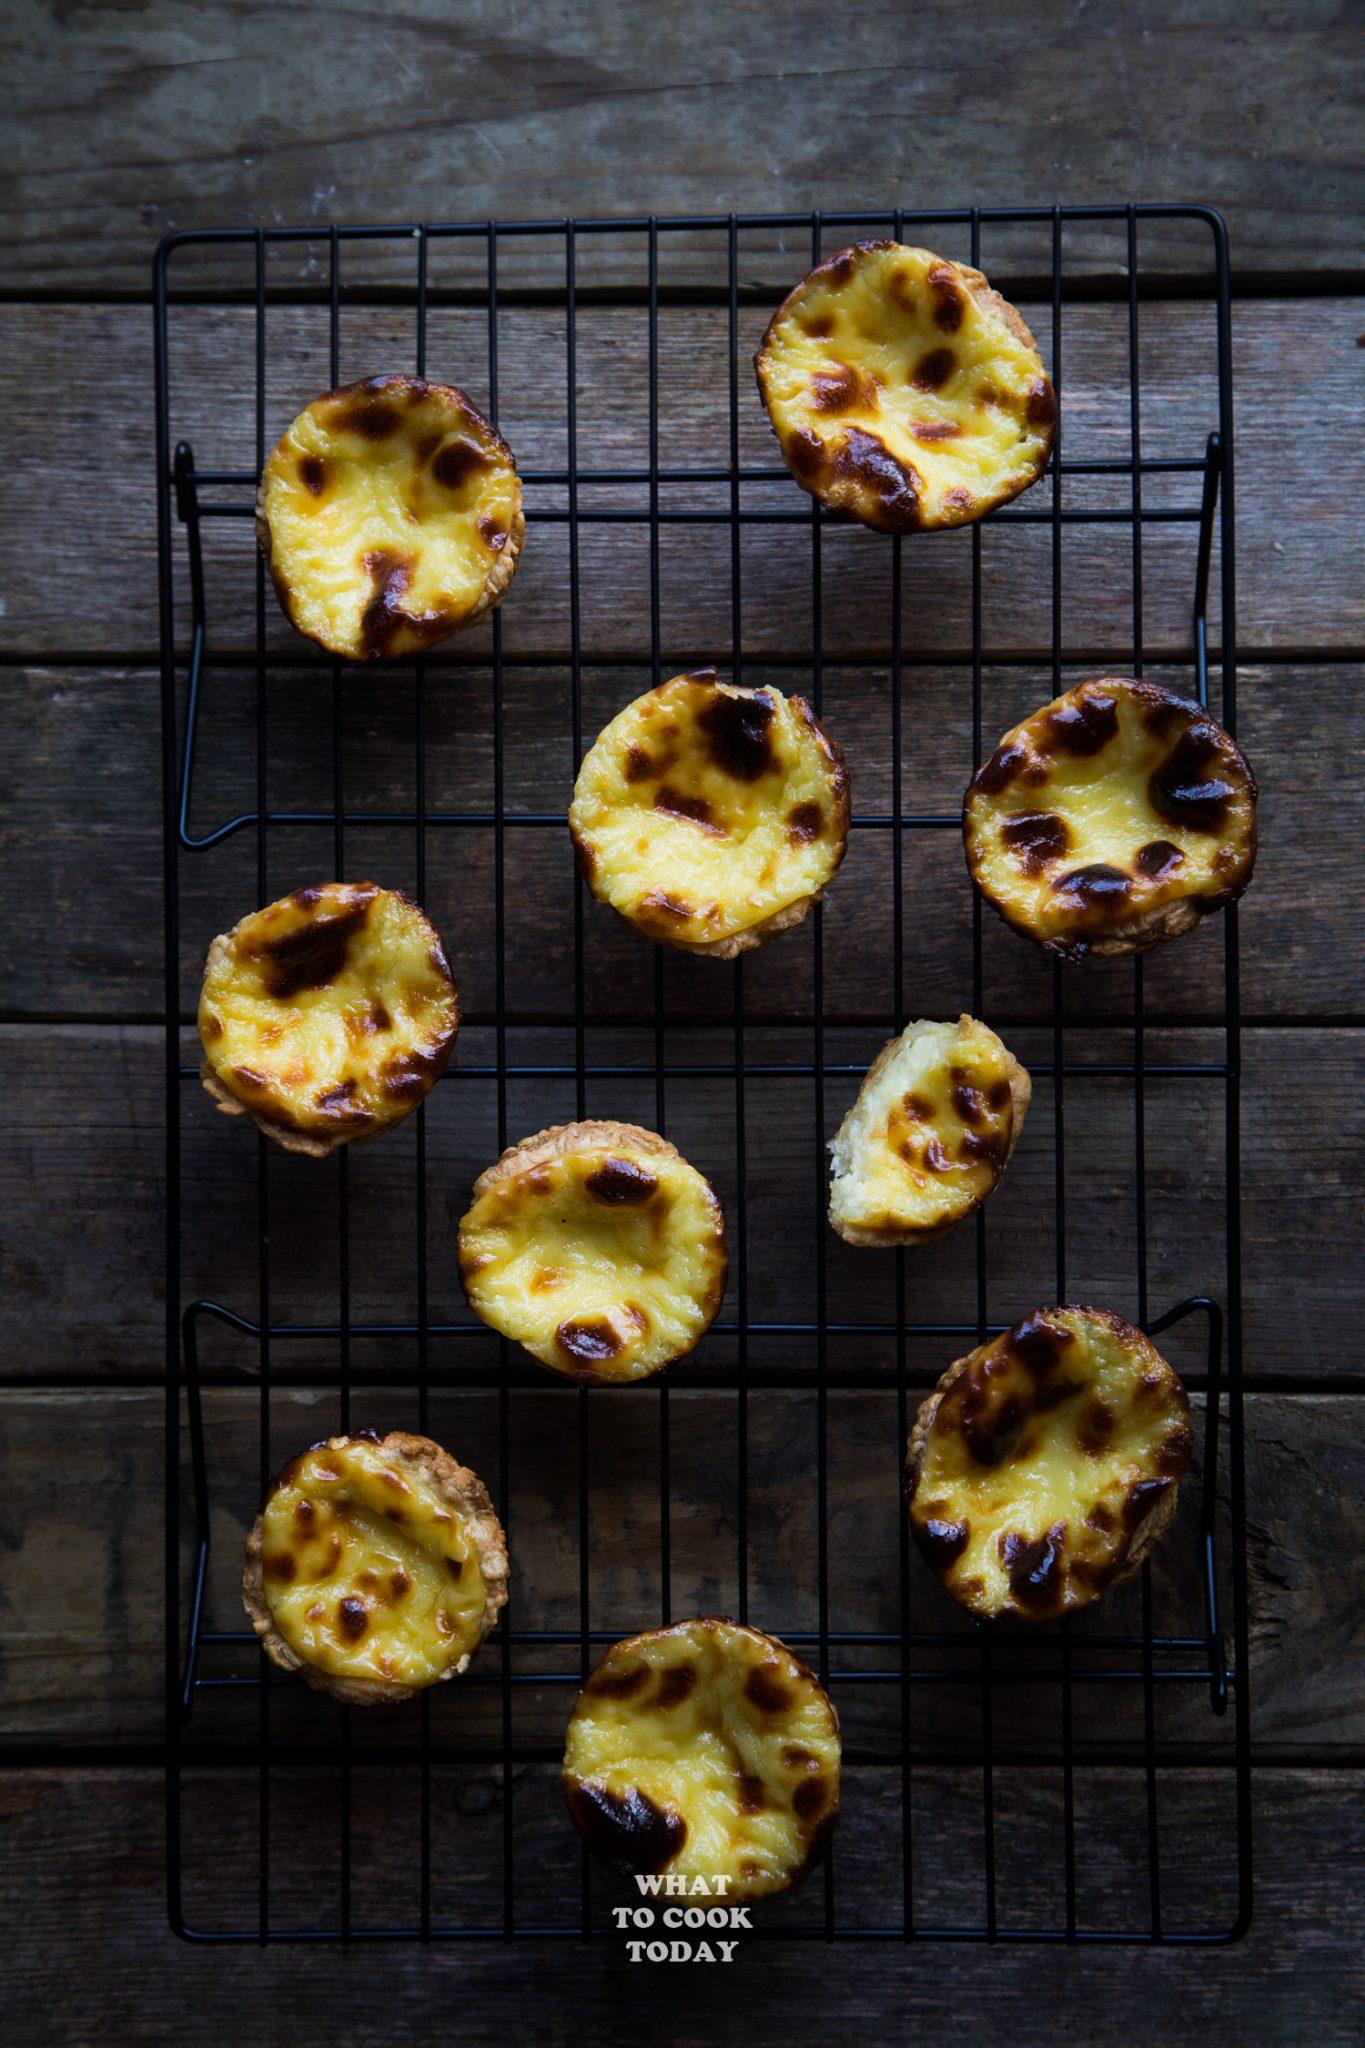 Easy Pasteis De Nata / Portuguese Egg Tarts #dessert #pasteisdenata #portugueseeggtarts